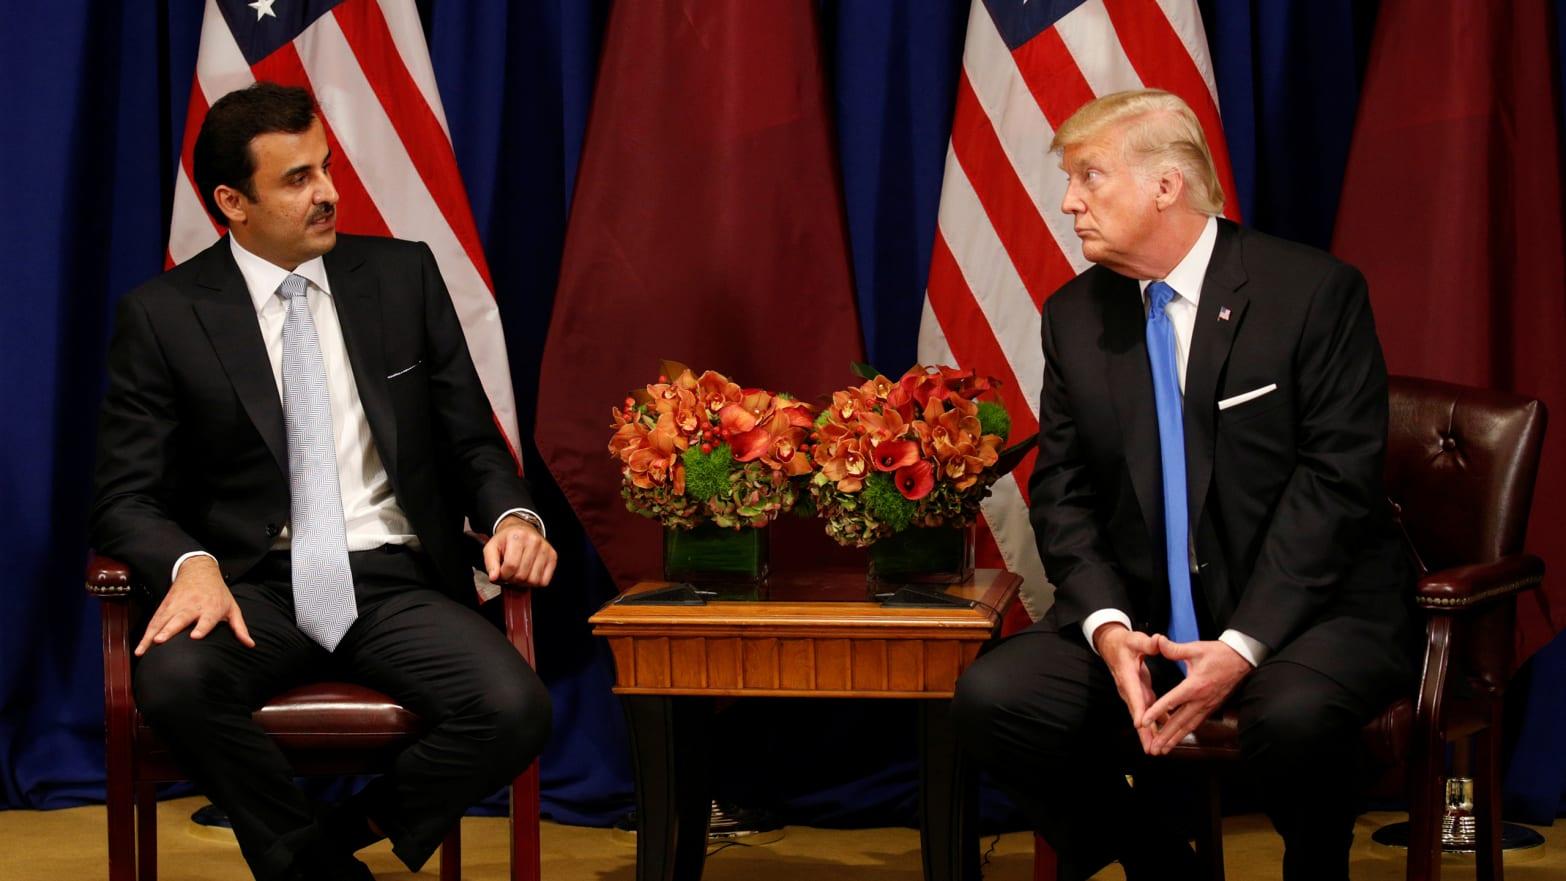 U.S. President Donald Trump meets with Qatar's Emir Sheikh Tamim bin Hamad al-Thani